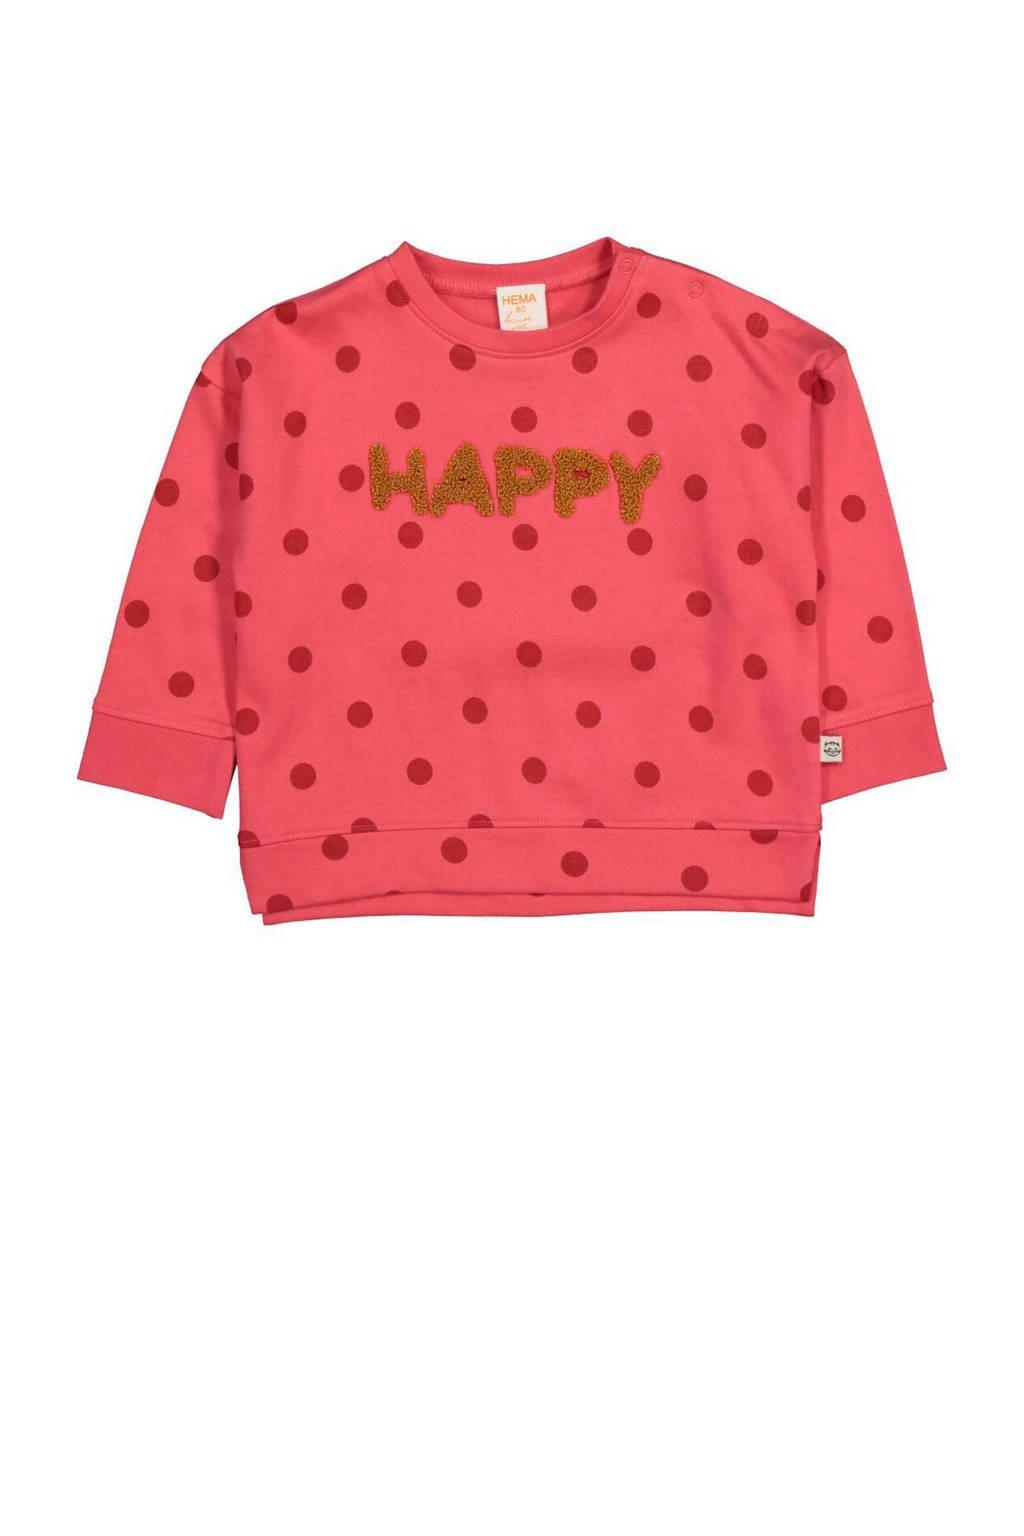 HEMA sweater met stippen en tekst roze, Roze